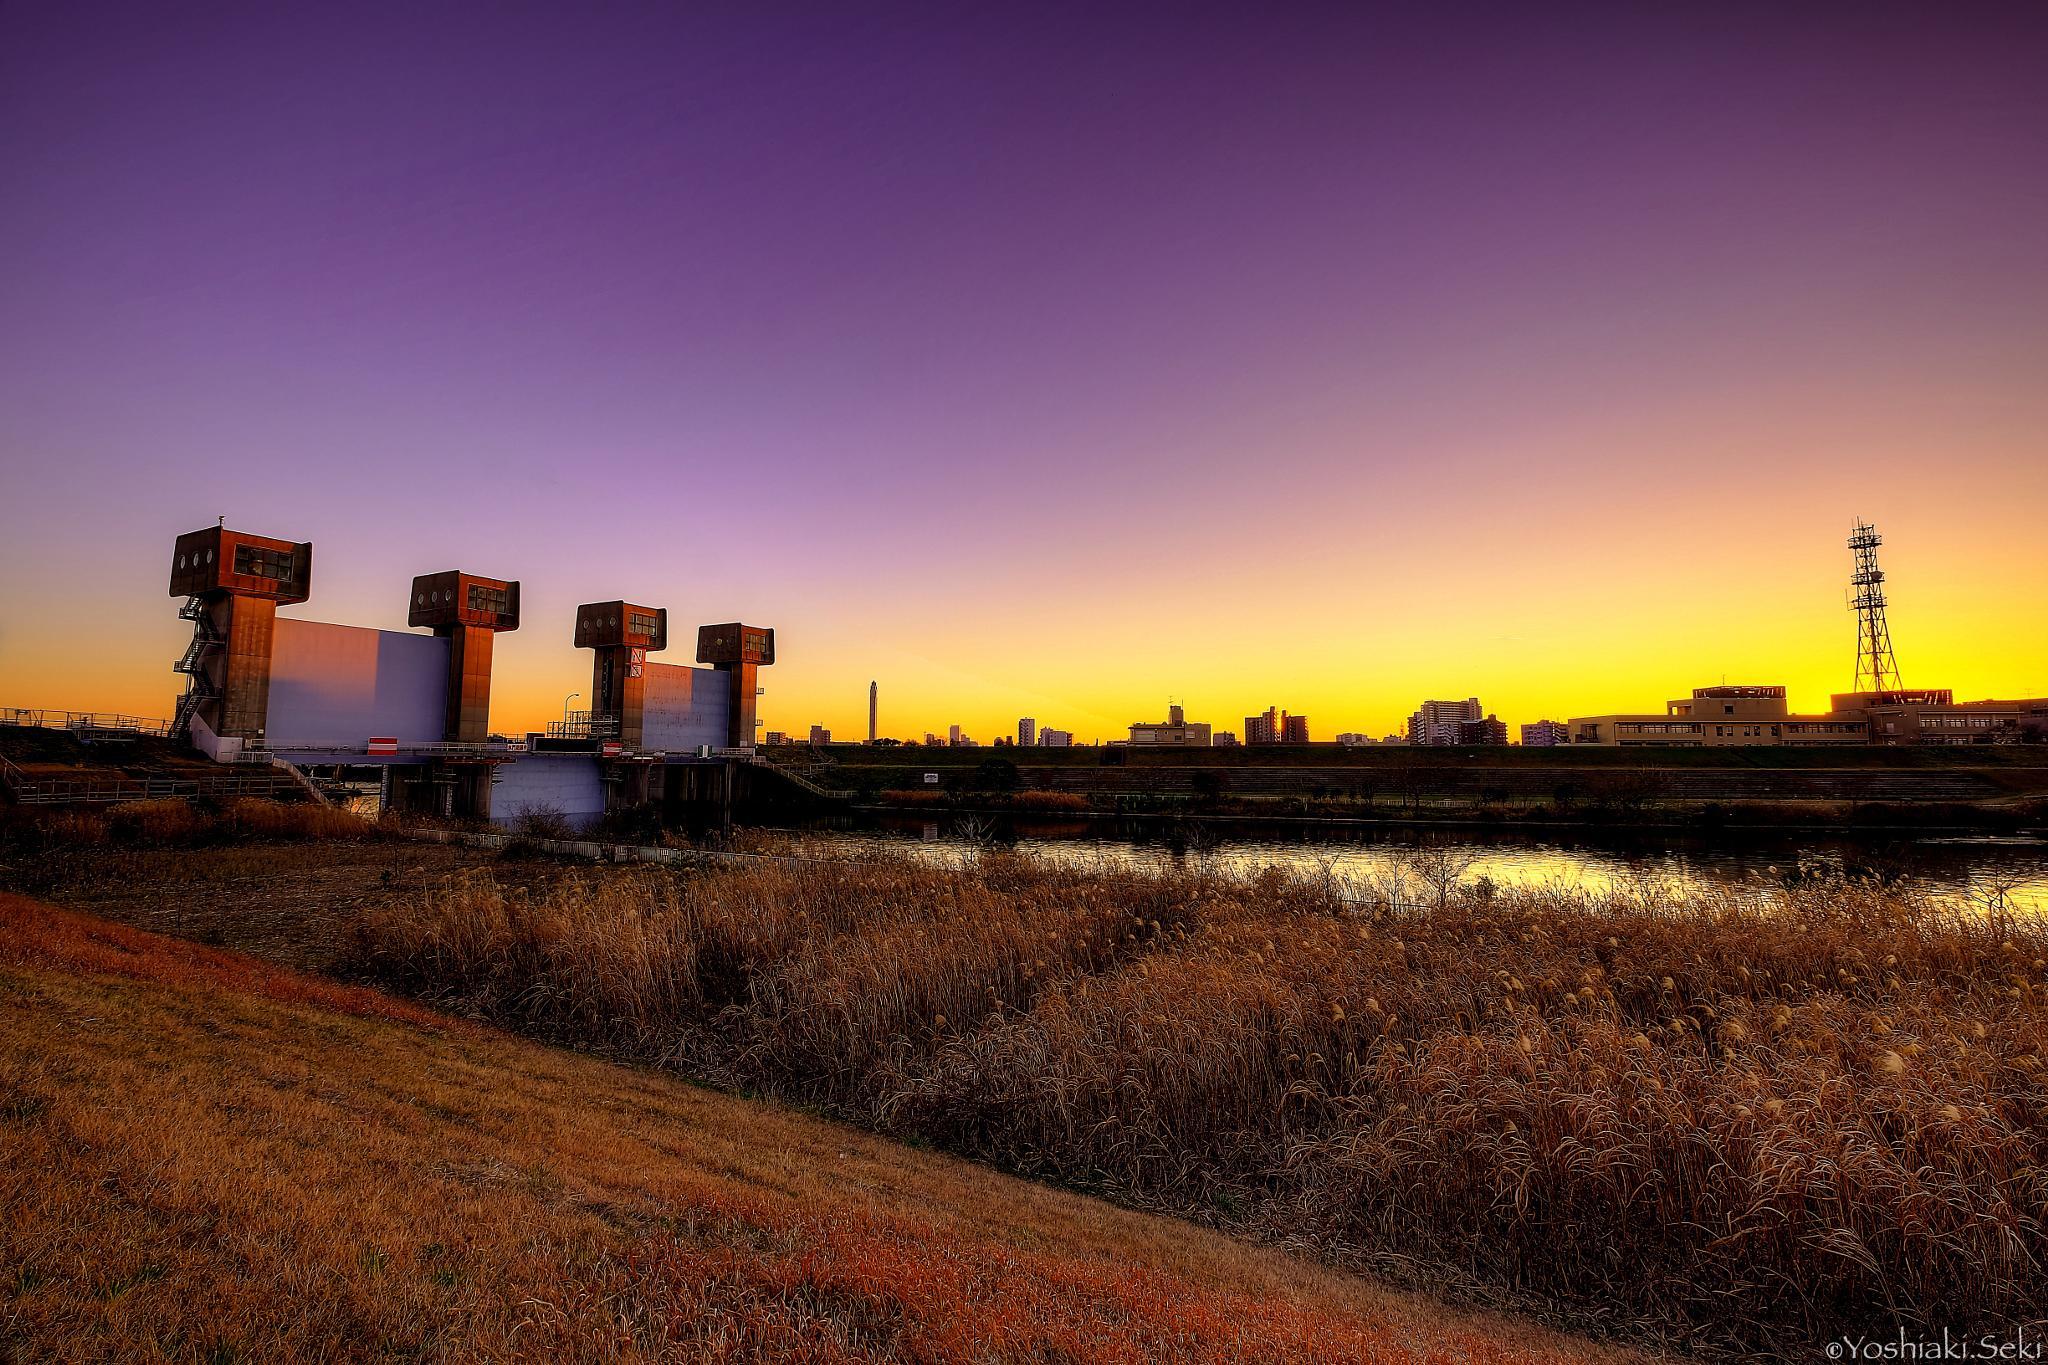 The Iwabuchi sluice gate of sunset by Yoshiaki Seki